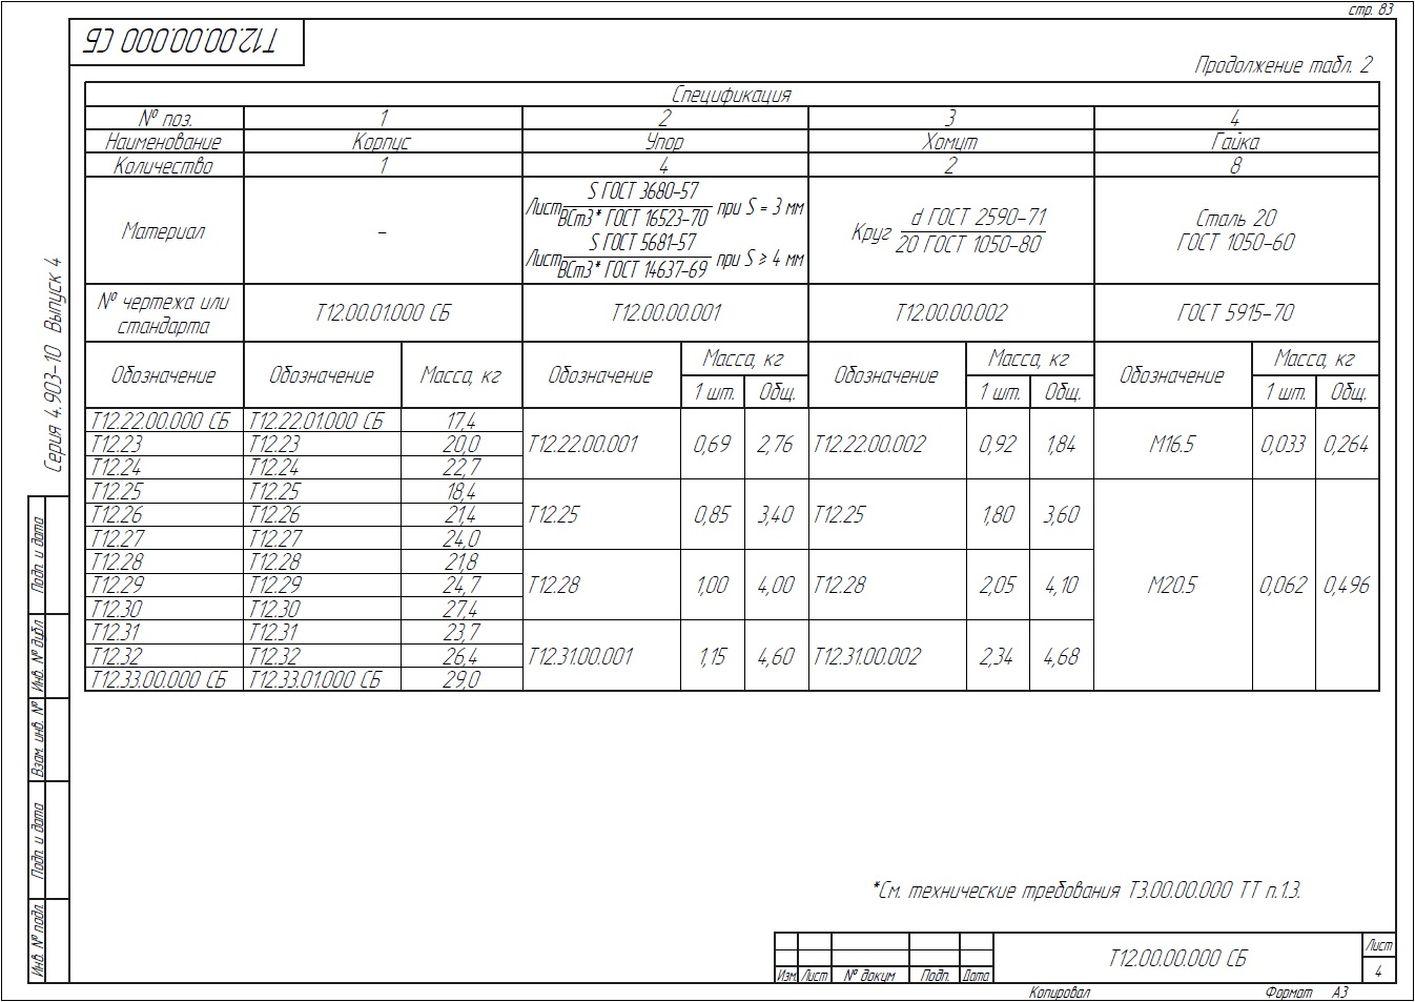 Опора неподвижная хомутовая Т12 серия 4.903-10 вып.4 стр.4